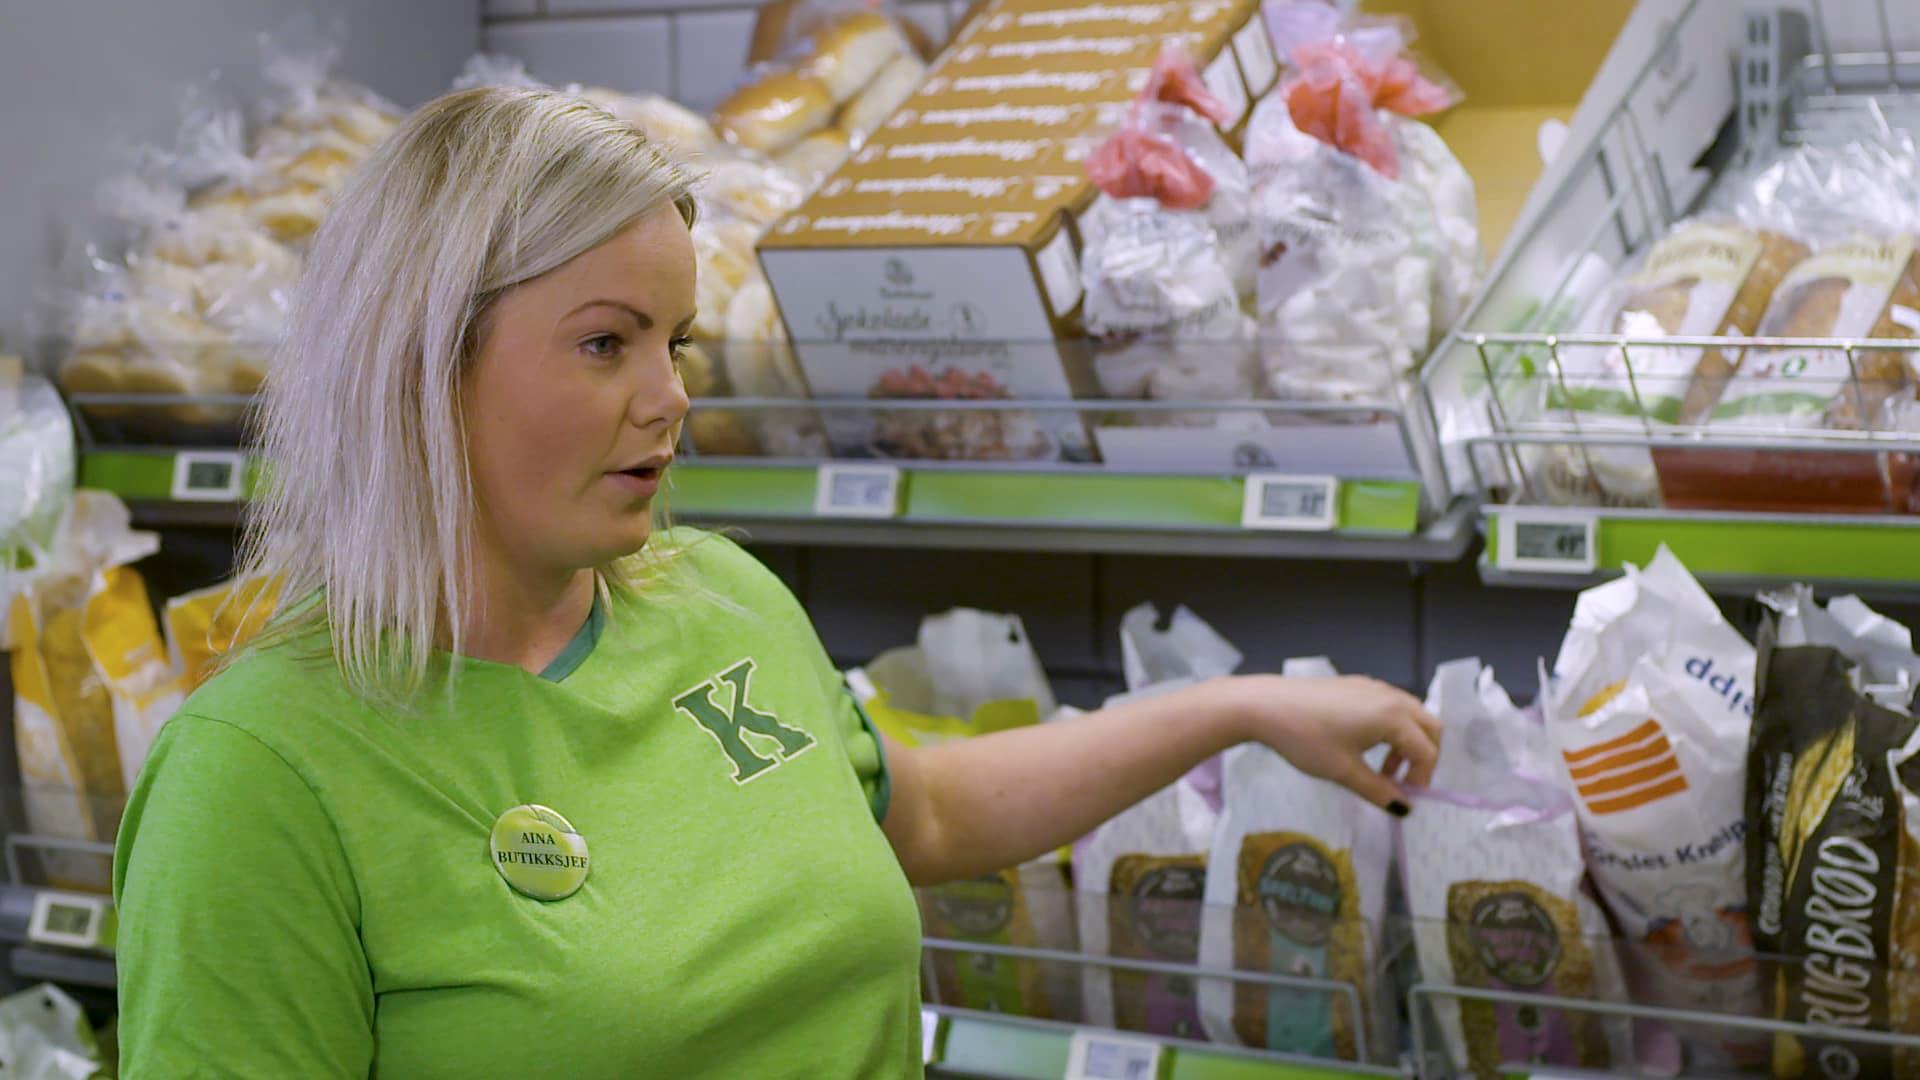 Butikksjef i KIWI Gullhaug, Aina Olsen, er opptatt av matsvinn, både på jobb og privat, og deler sine tips.